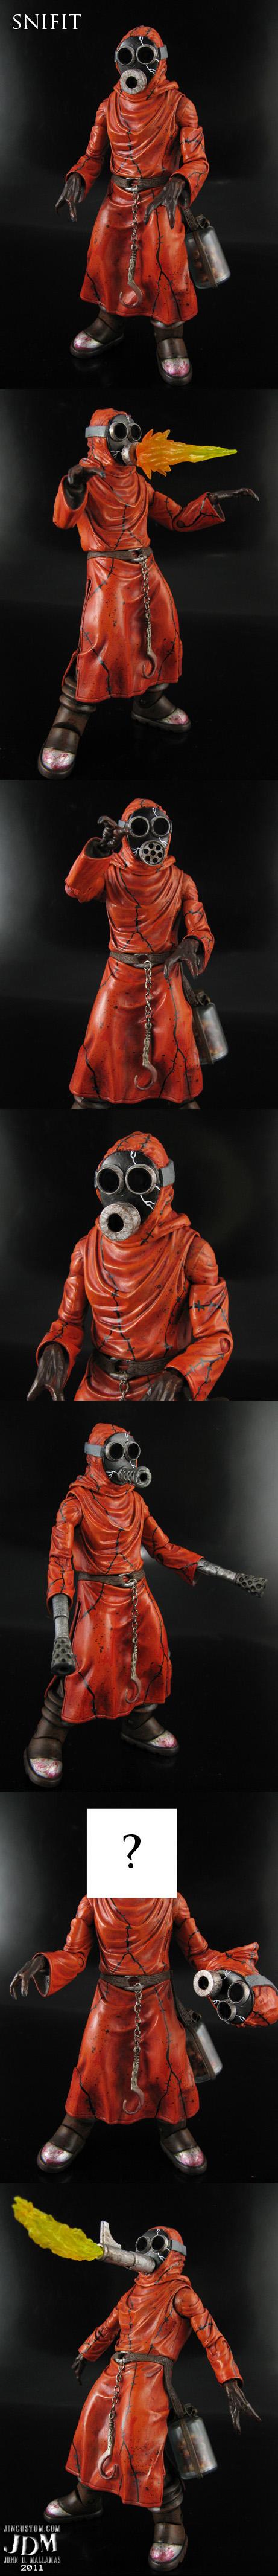 Custom Snifit Figure